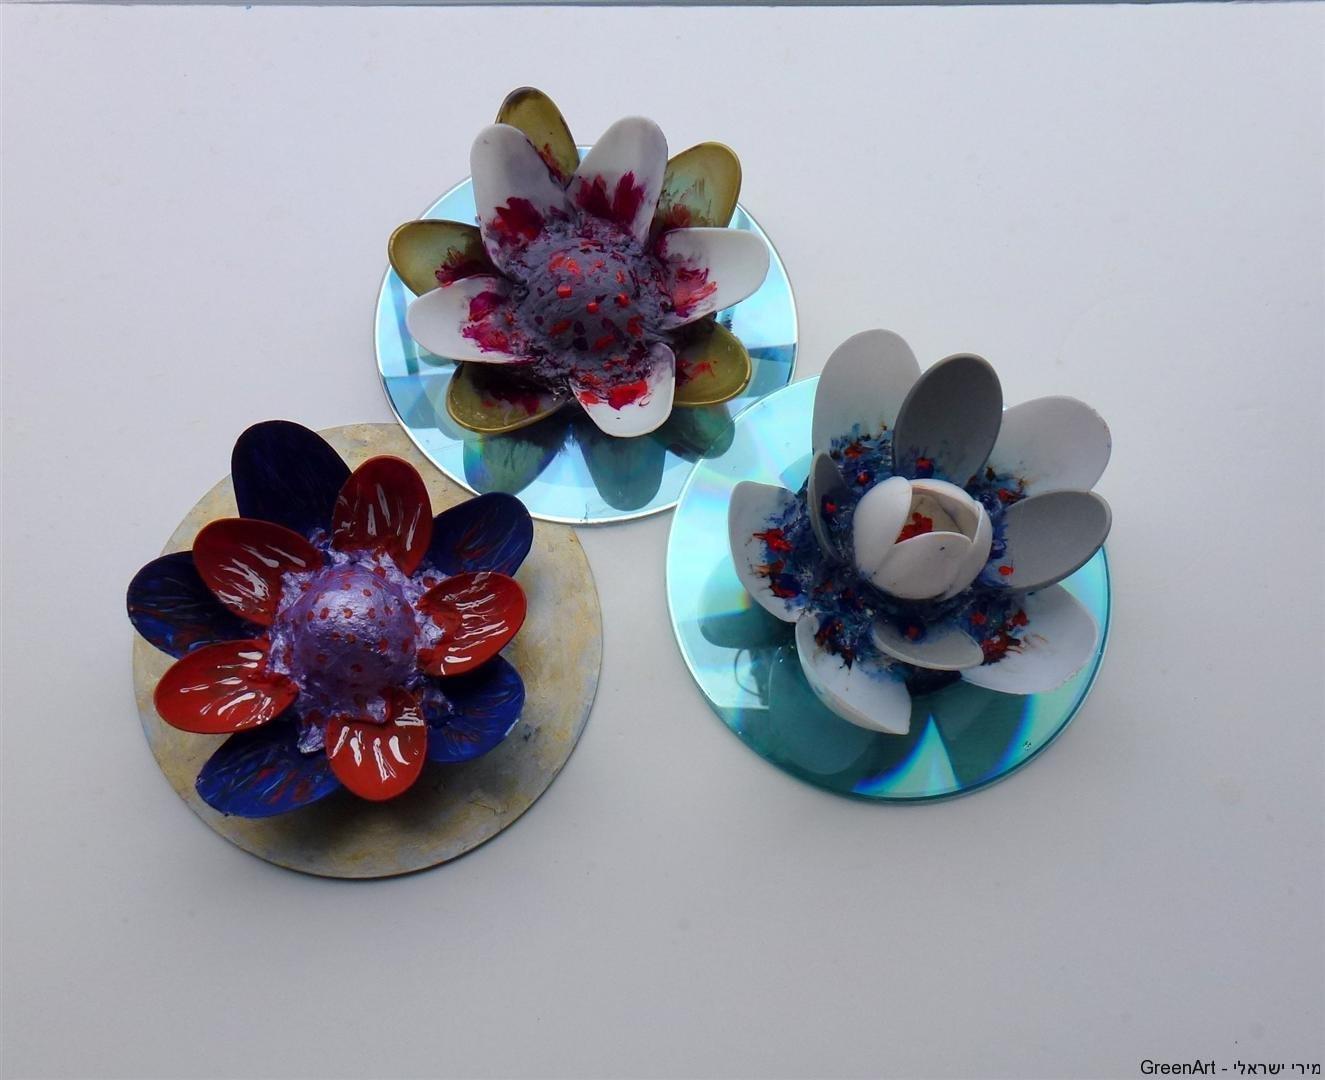 פרחי לוטוס  צבעוניים מכפיות פלסטיק ותקליטור